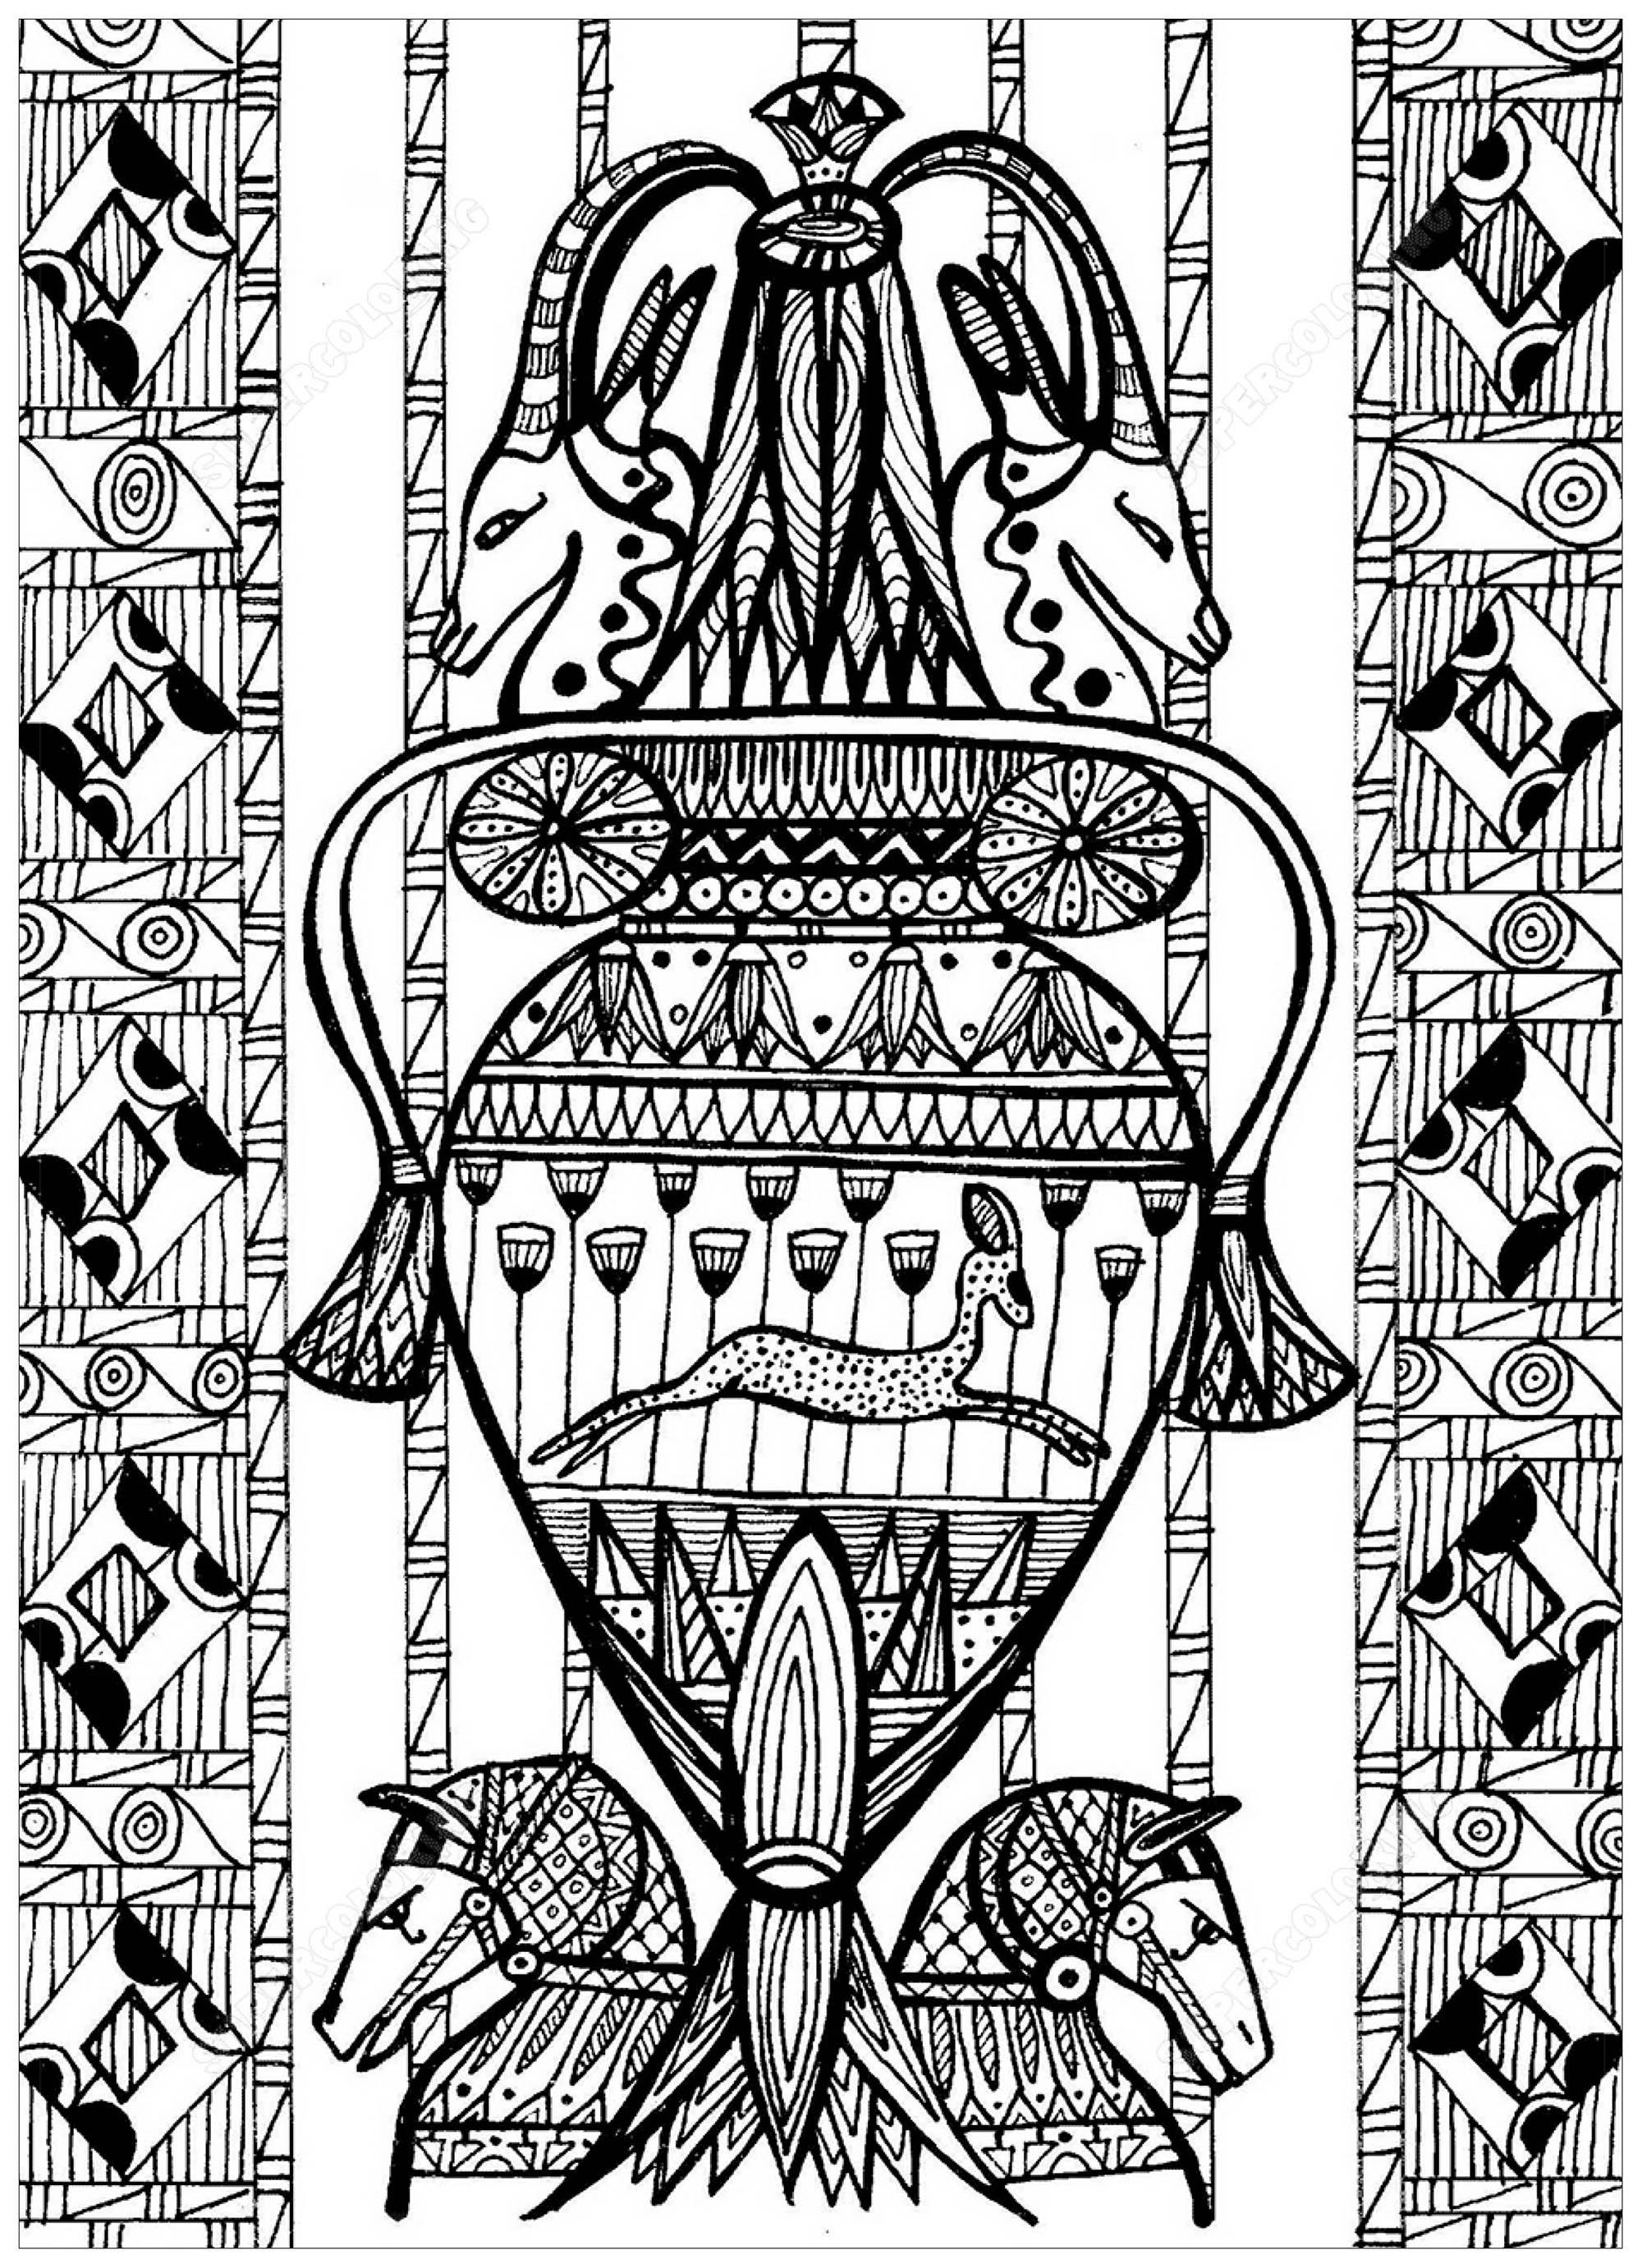 Disegni da colorare per adulti : Egitto & Geroglifici - 15